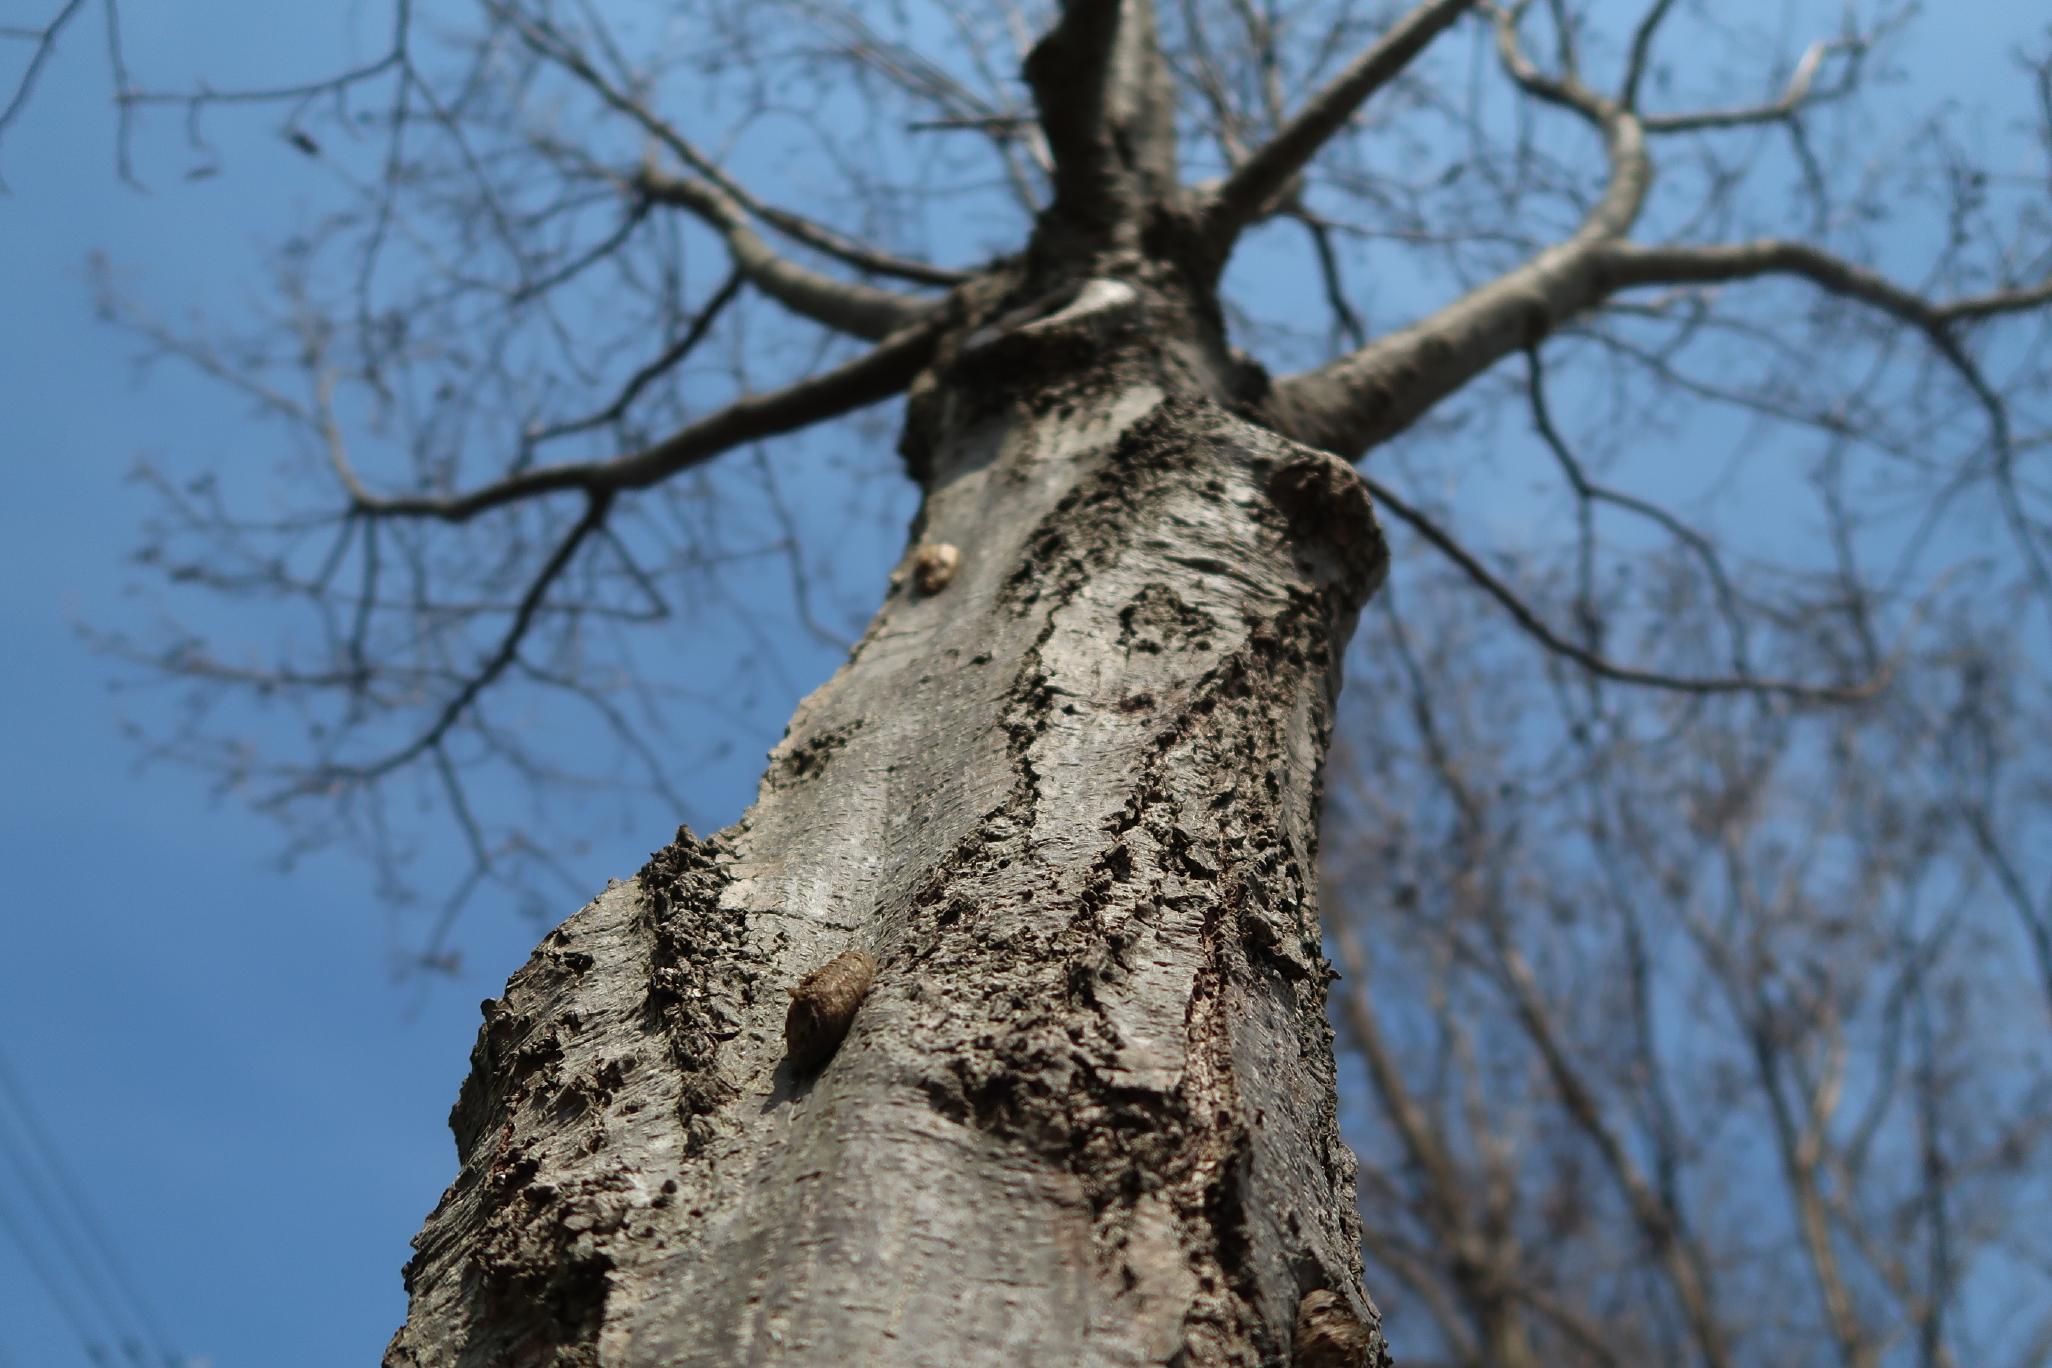 木の幹の産み付けられたハラビロカマキリの卵鞘